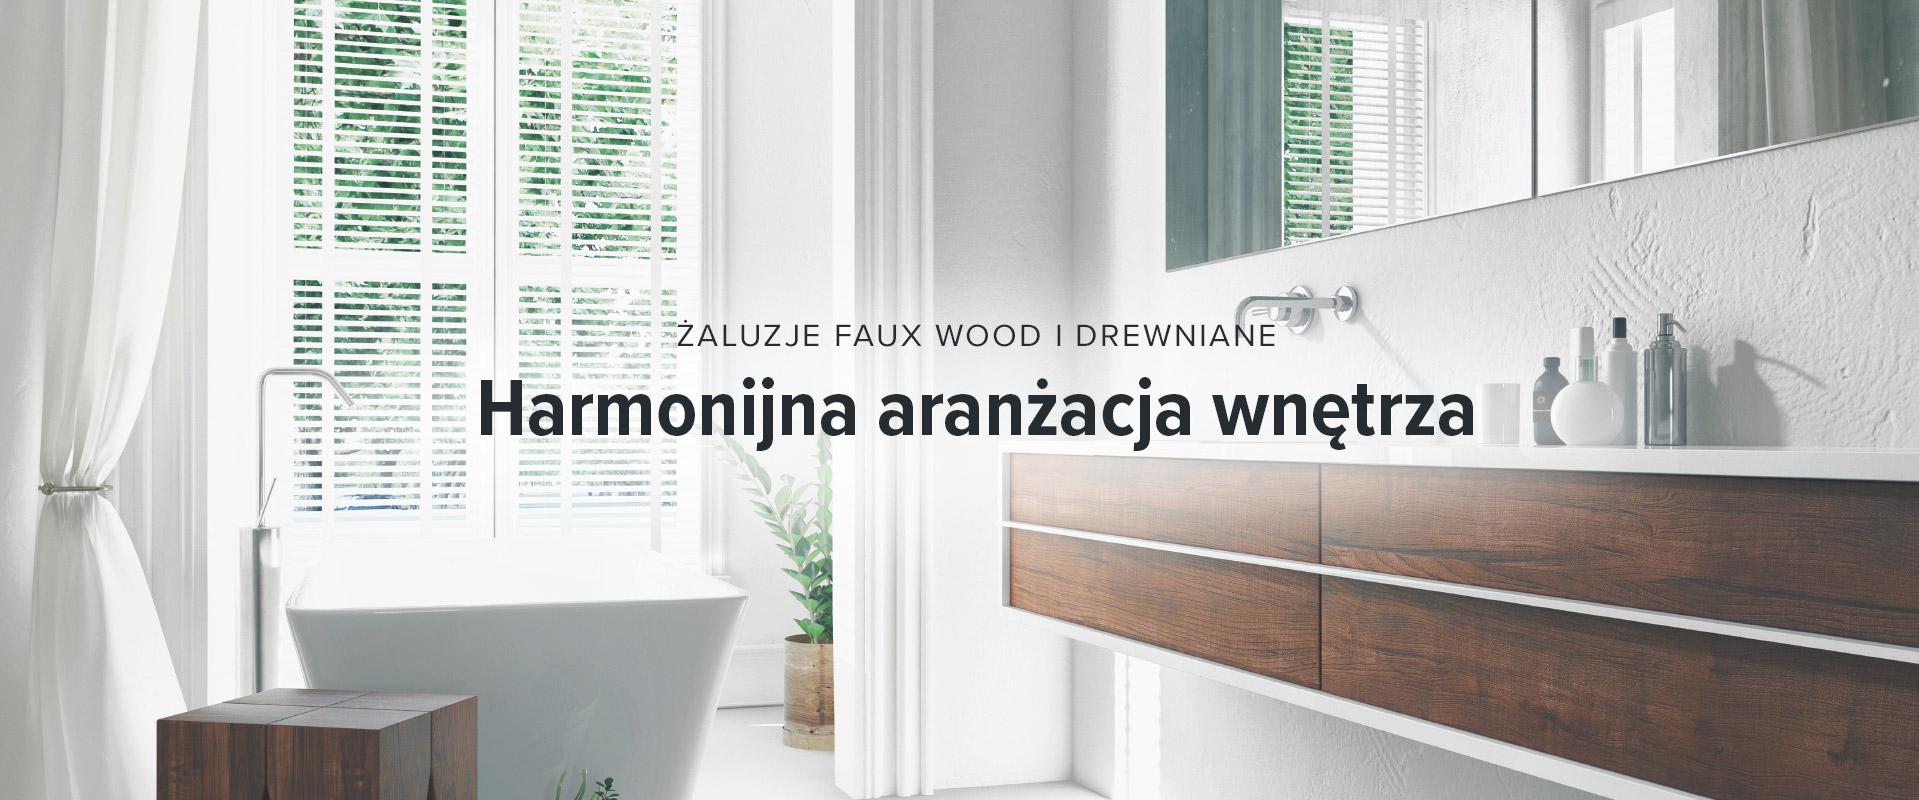 Żaluzje faux wood i drewniane